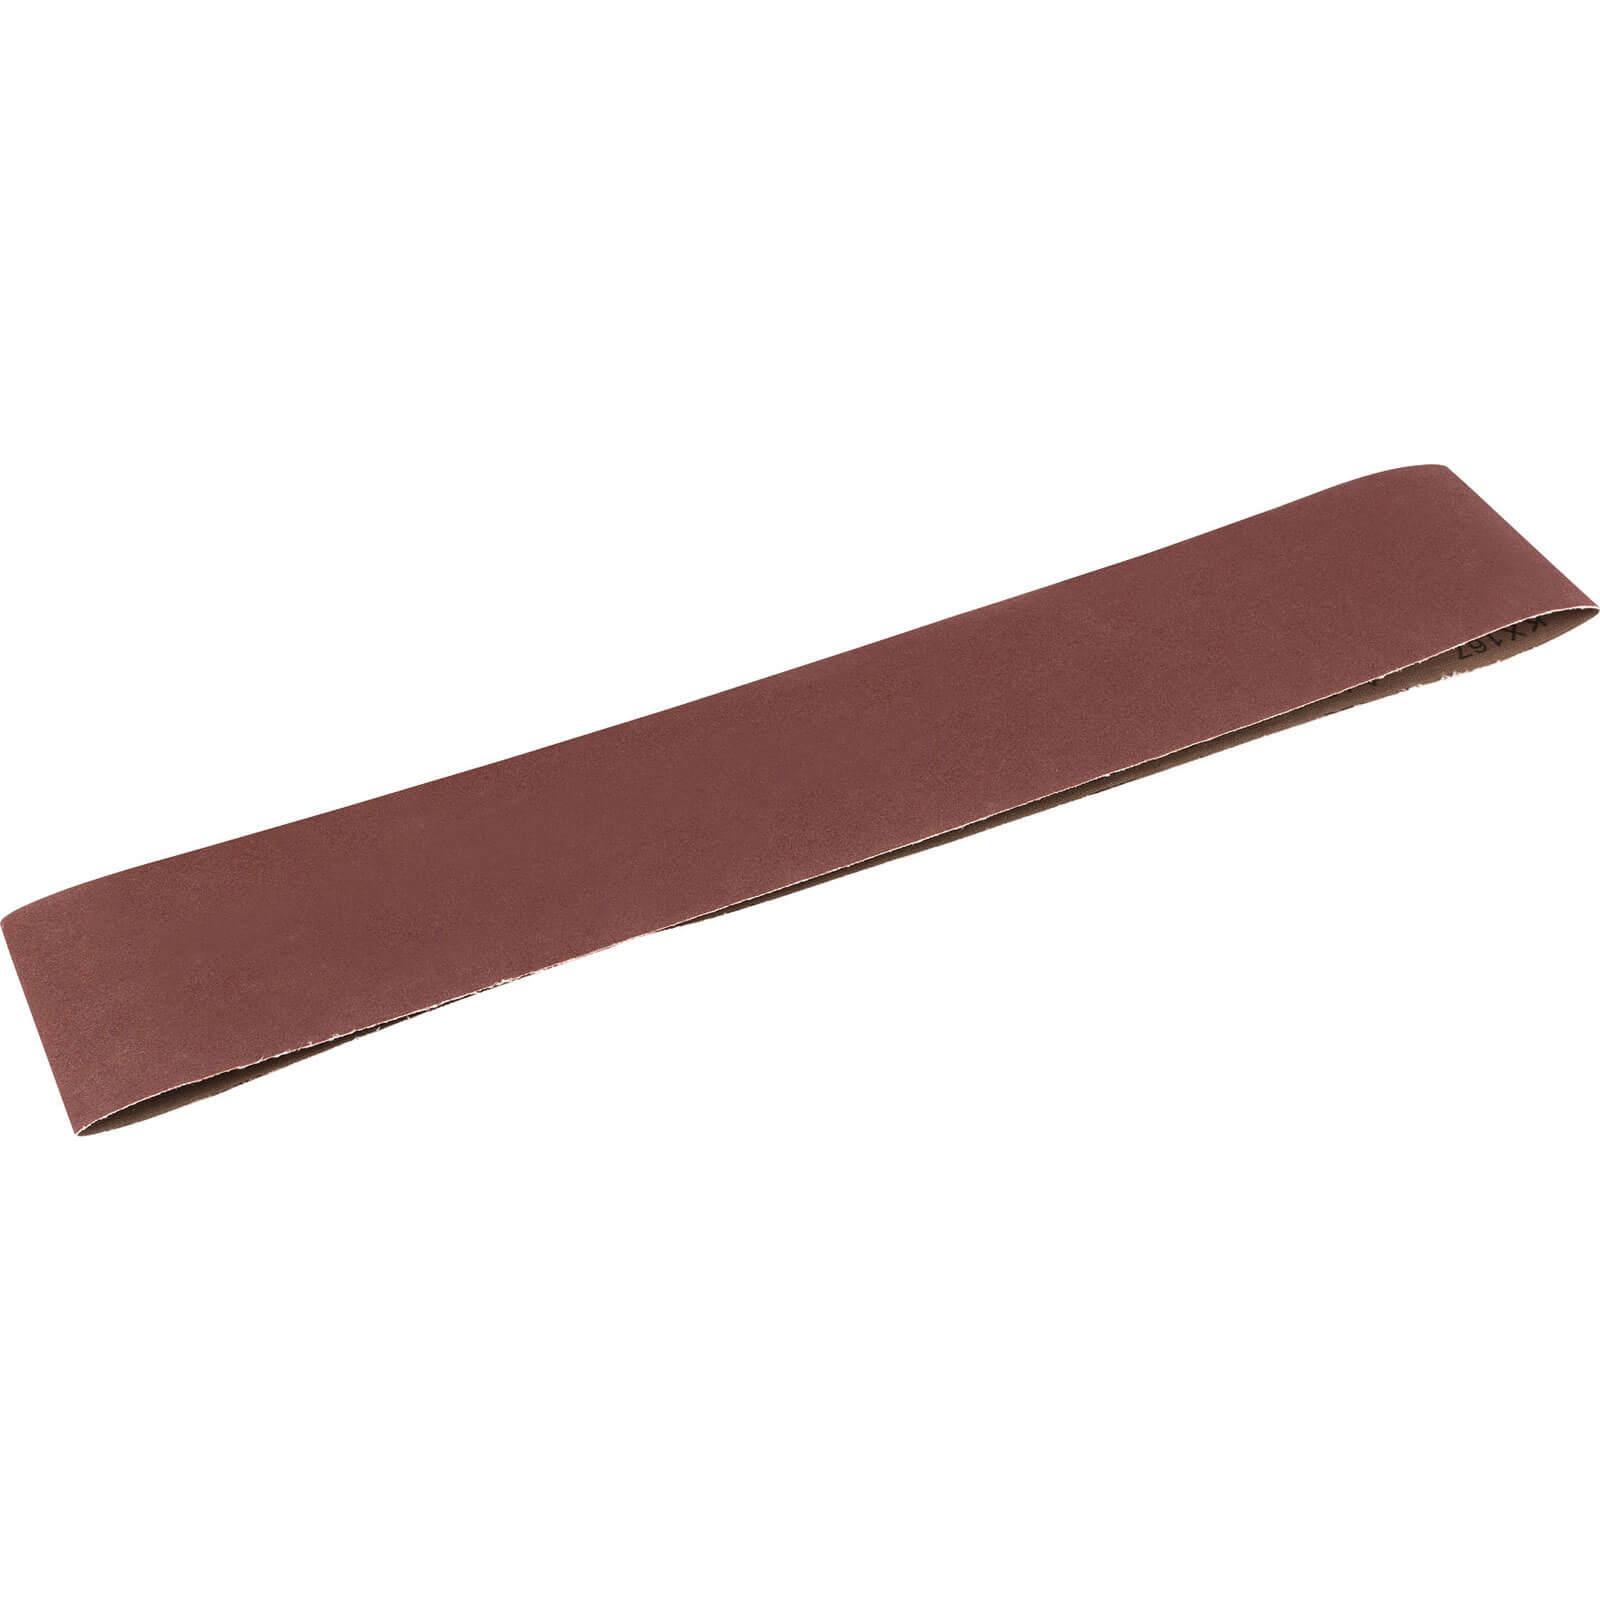 Image of Draper 100mm X 1220mm Sanding Belt 100mm x 1220mm 100g Pack of 1